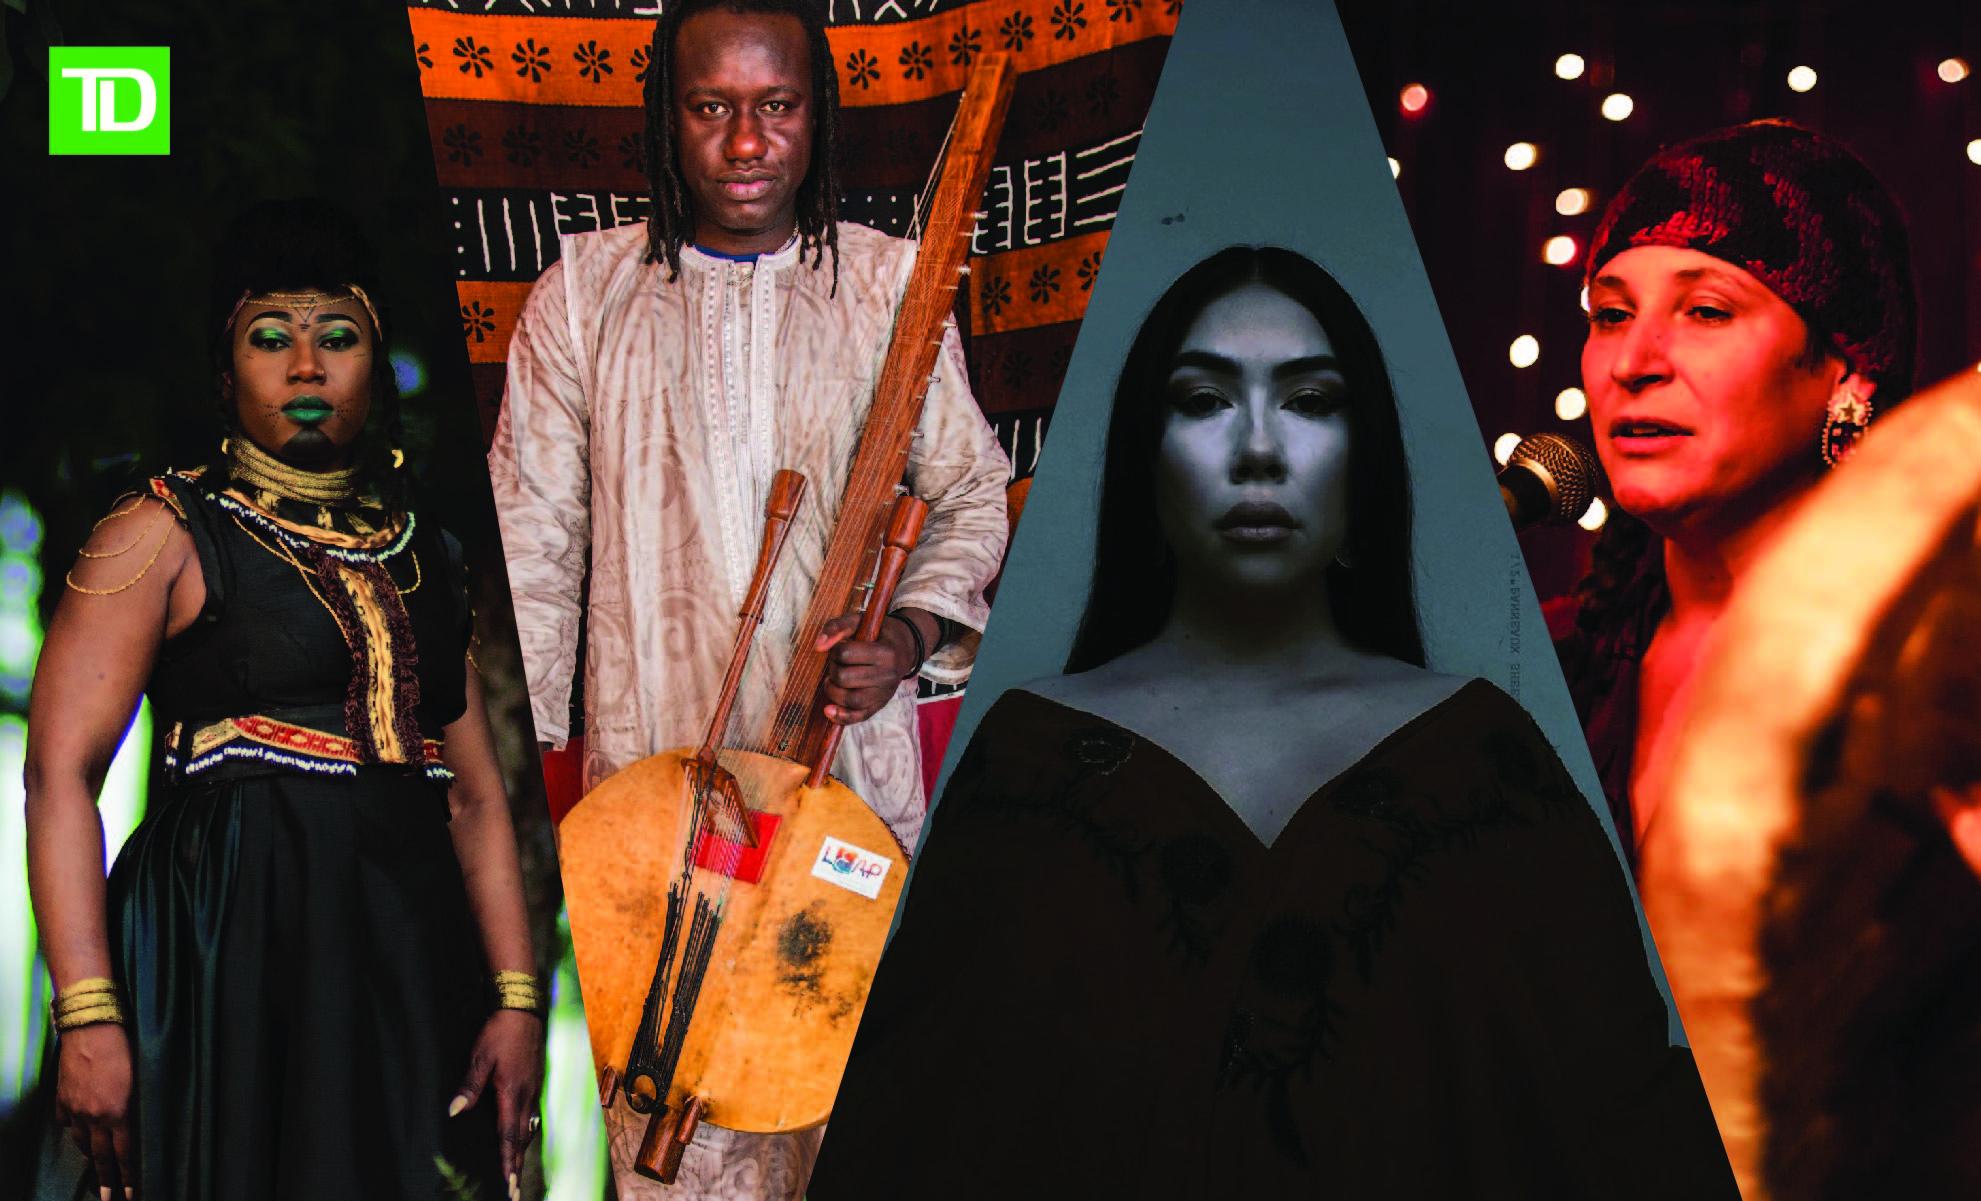 Productions Nuits d'Afrique - L'Afrique rencontre les Premières Nations en musique